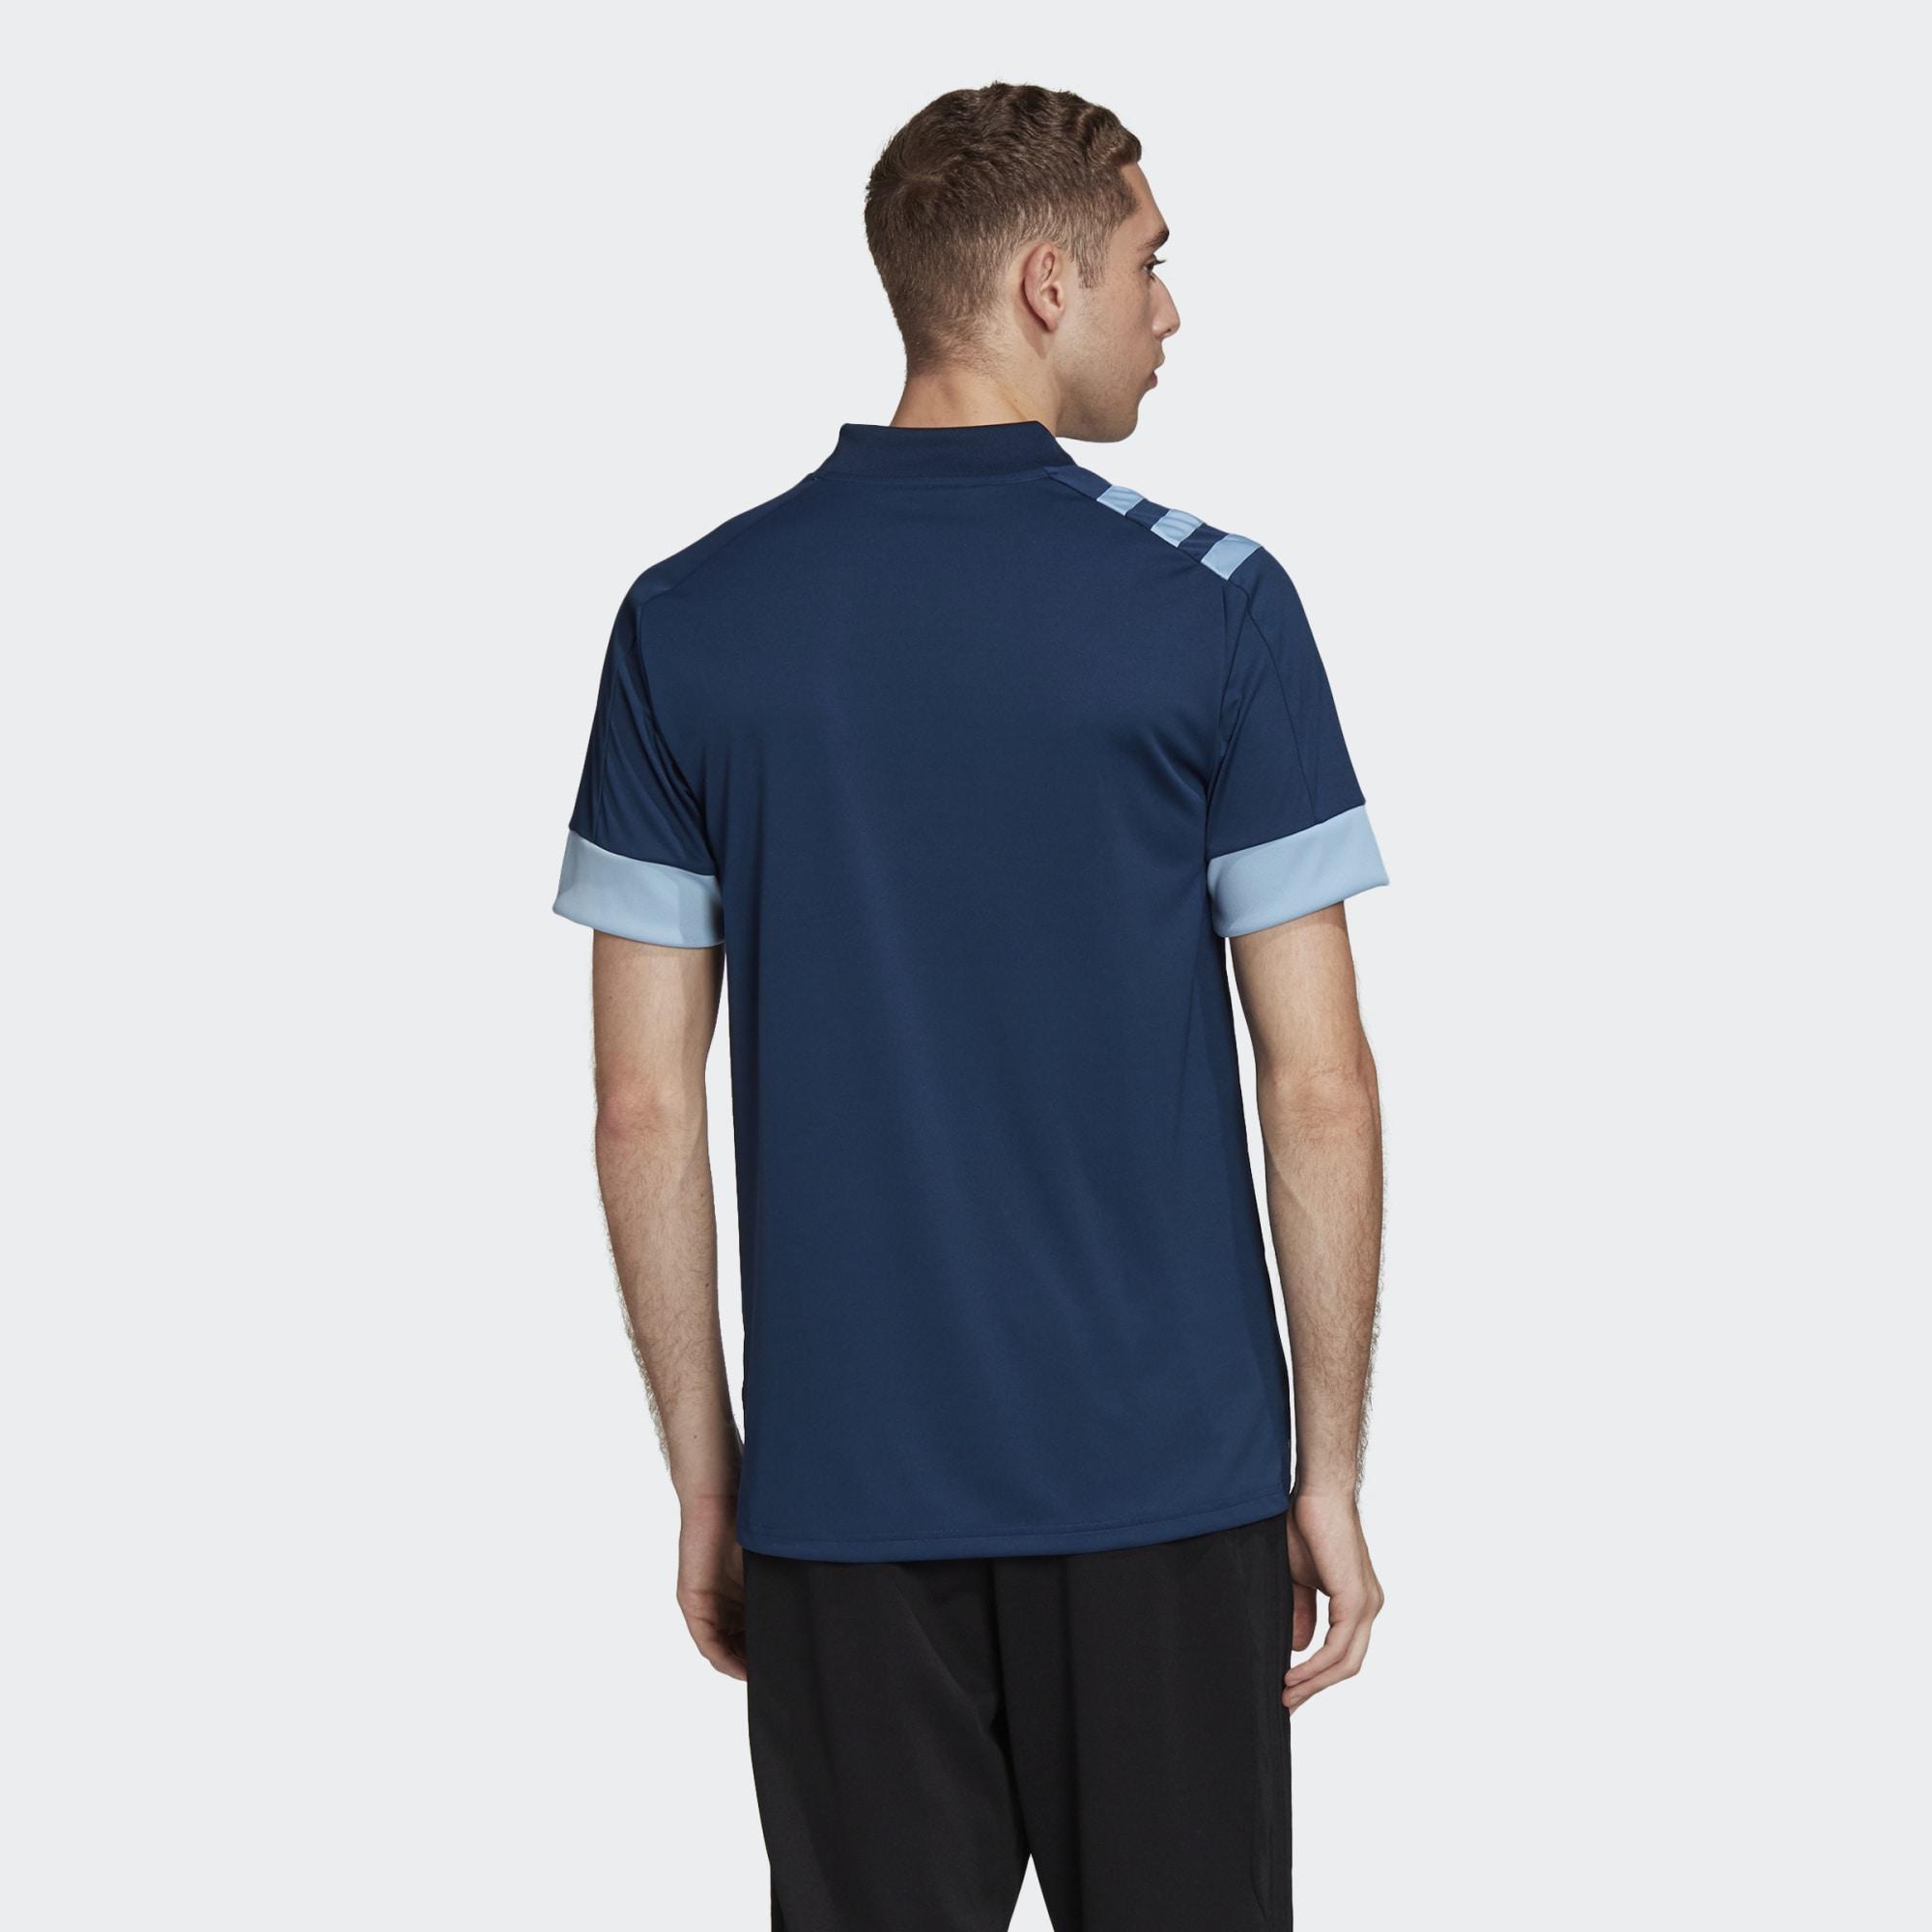 Vancouver Whitecaps 2020-21 Adidas Away Kit   20/21 Kits ...